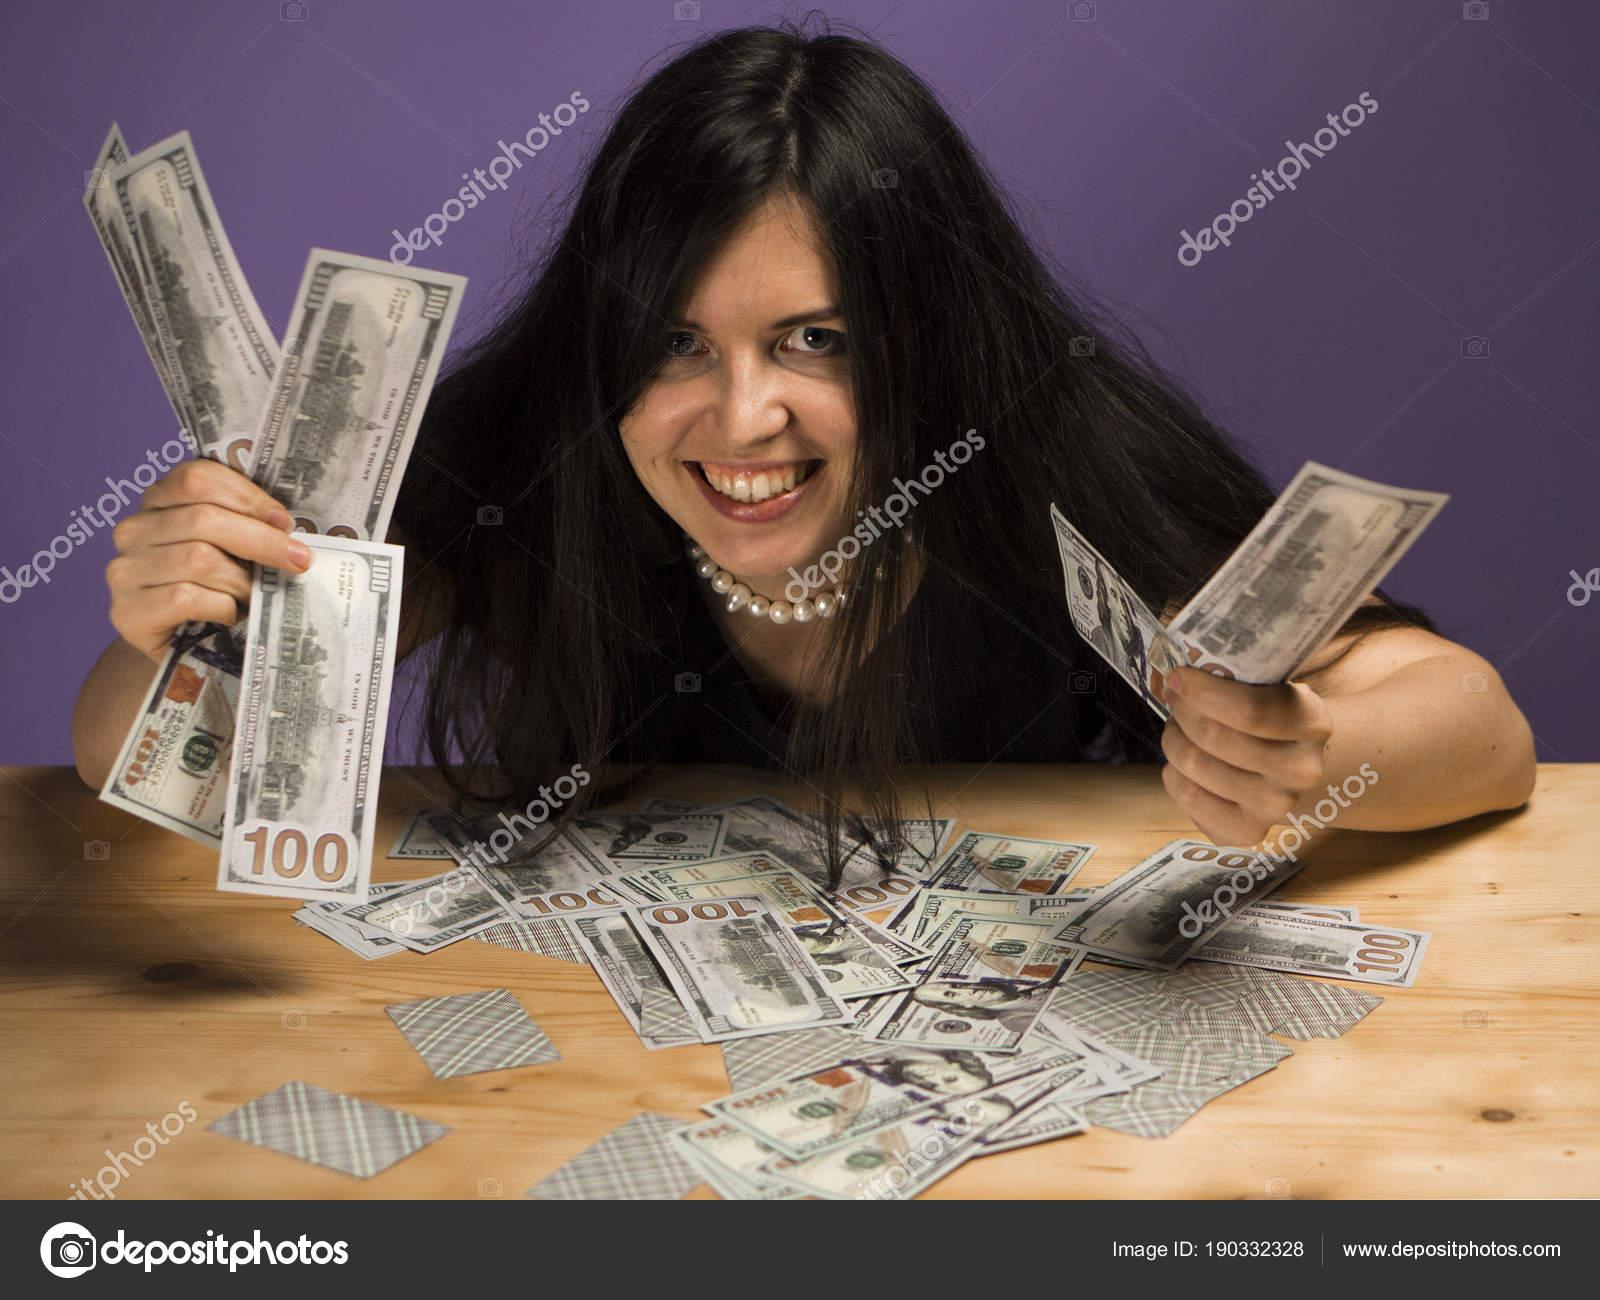 Продают жен за деньги, В русском порно муж продал свою жену за бабло 21 фотография